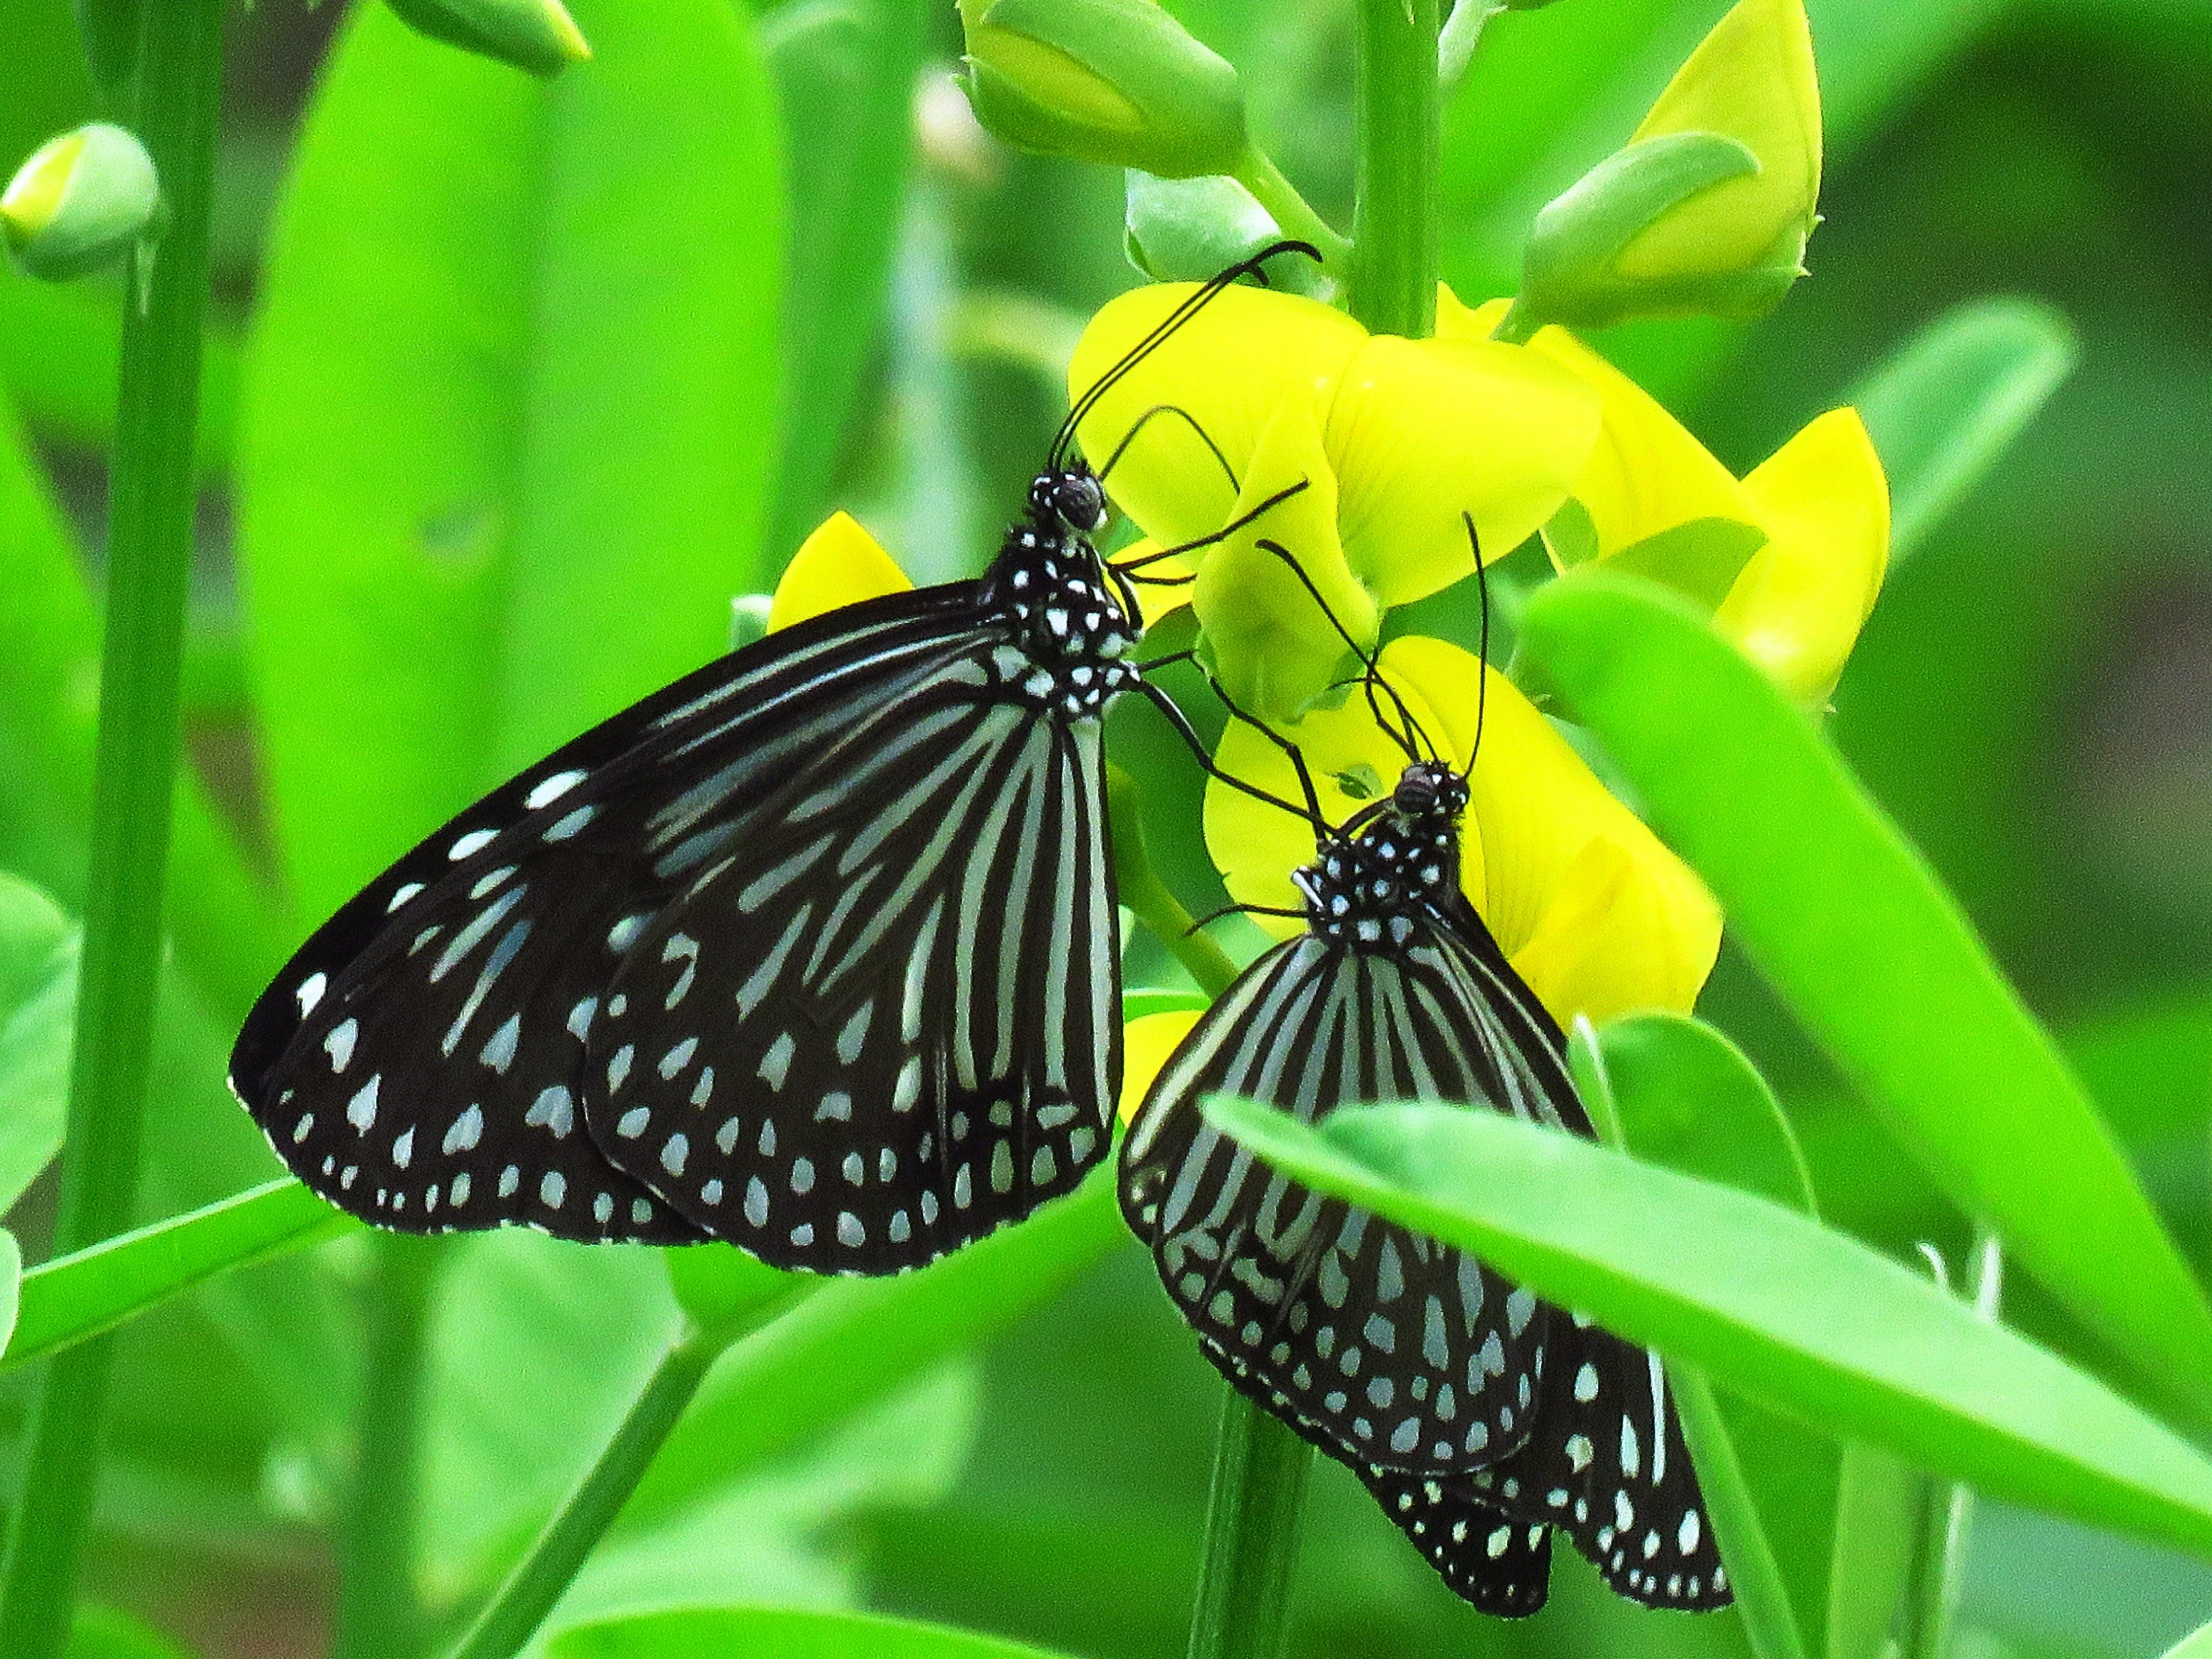 Bahçe, bitki örtüsü, Biyoloji, böcek içeren Ücretsiz stok fotoğraf